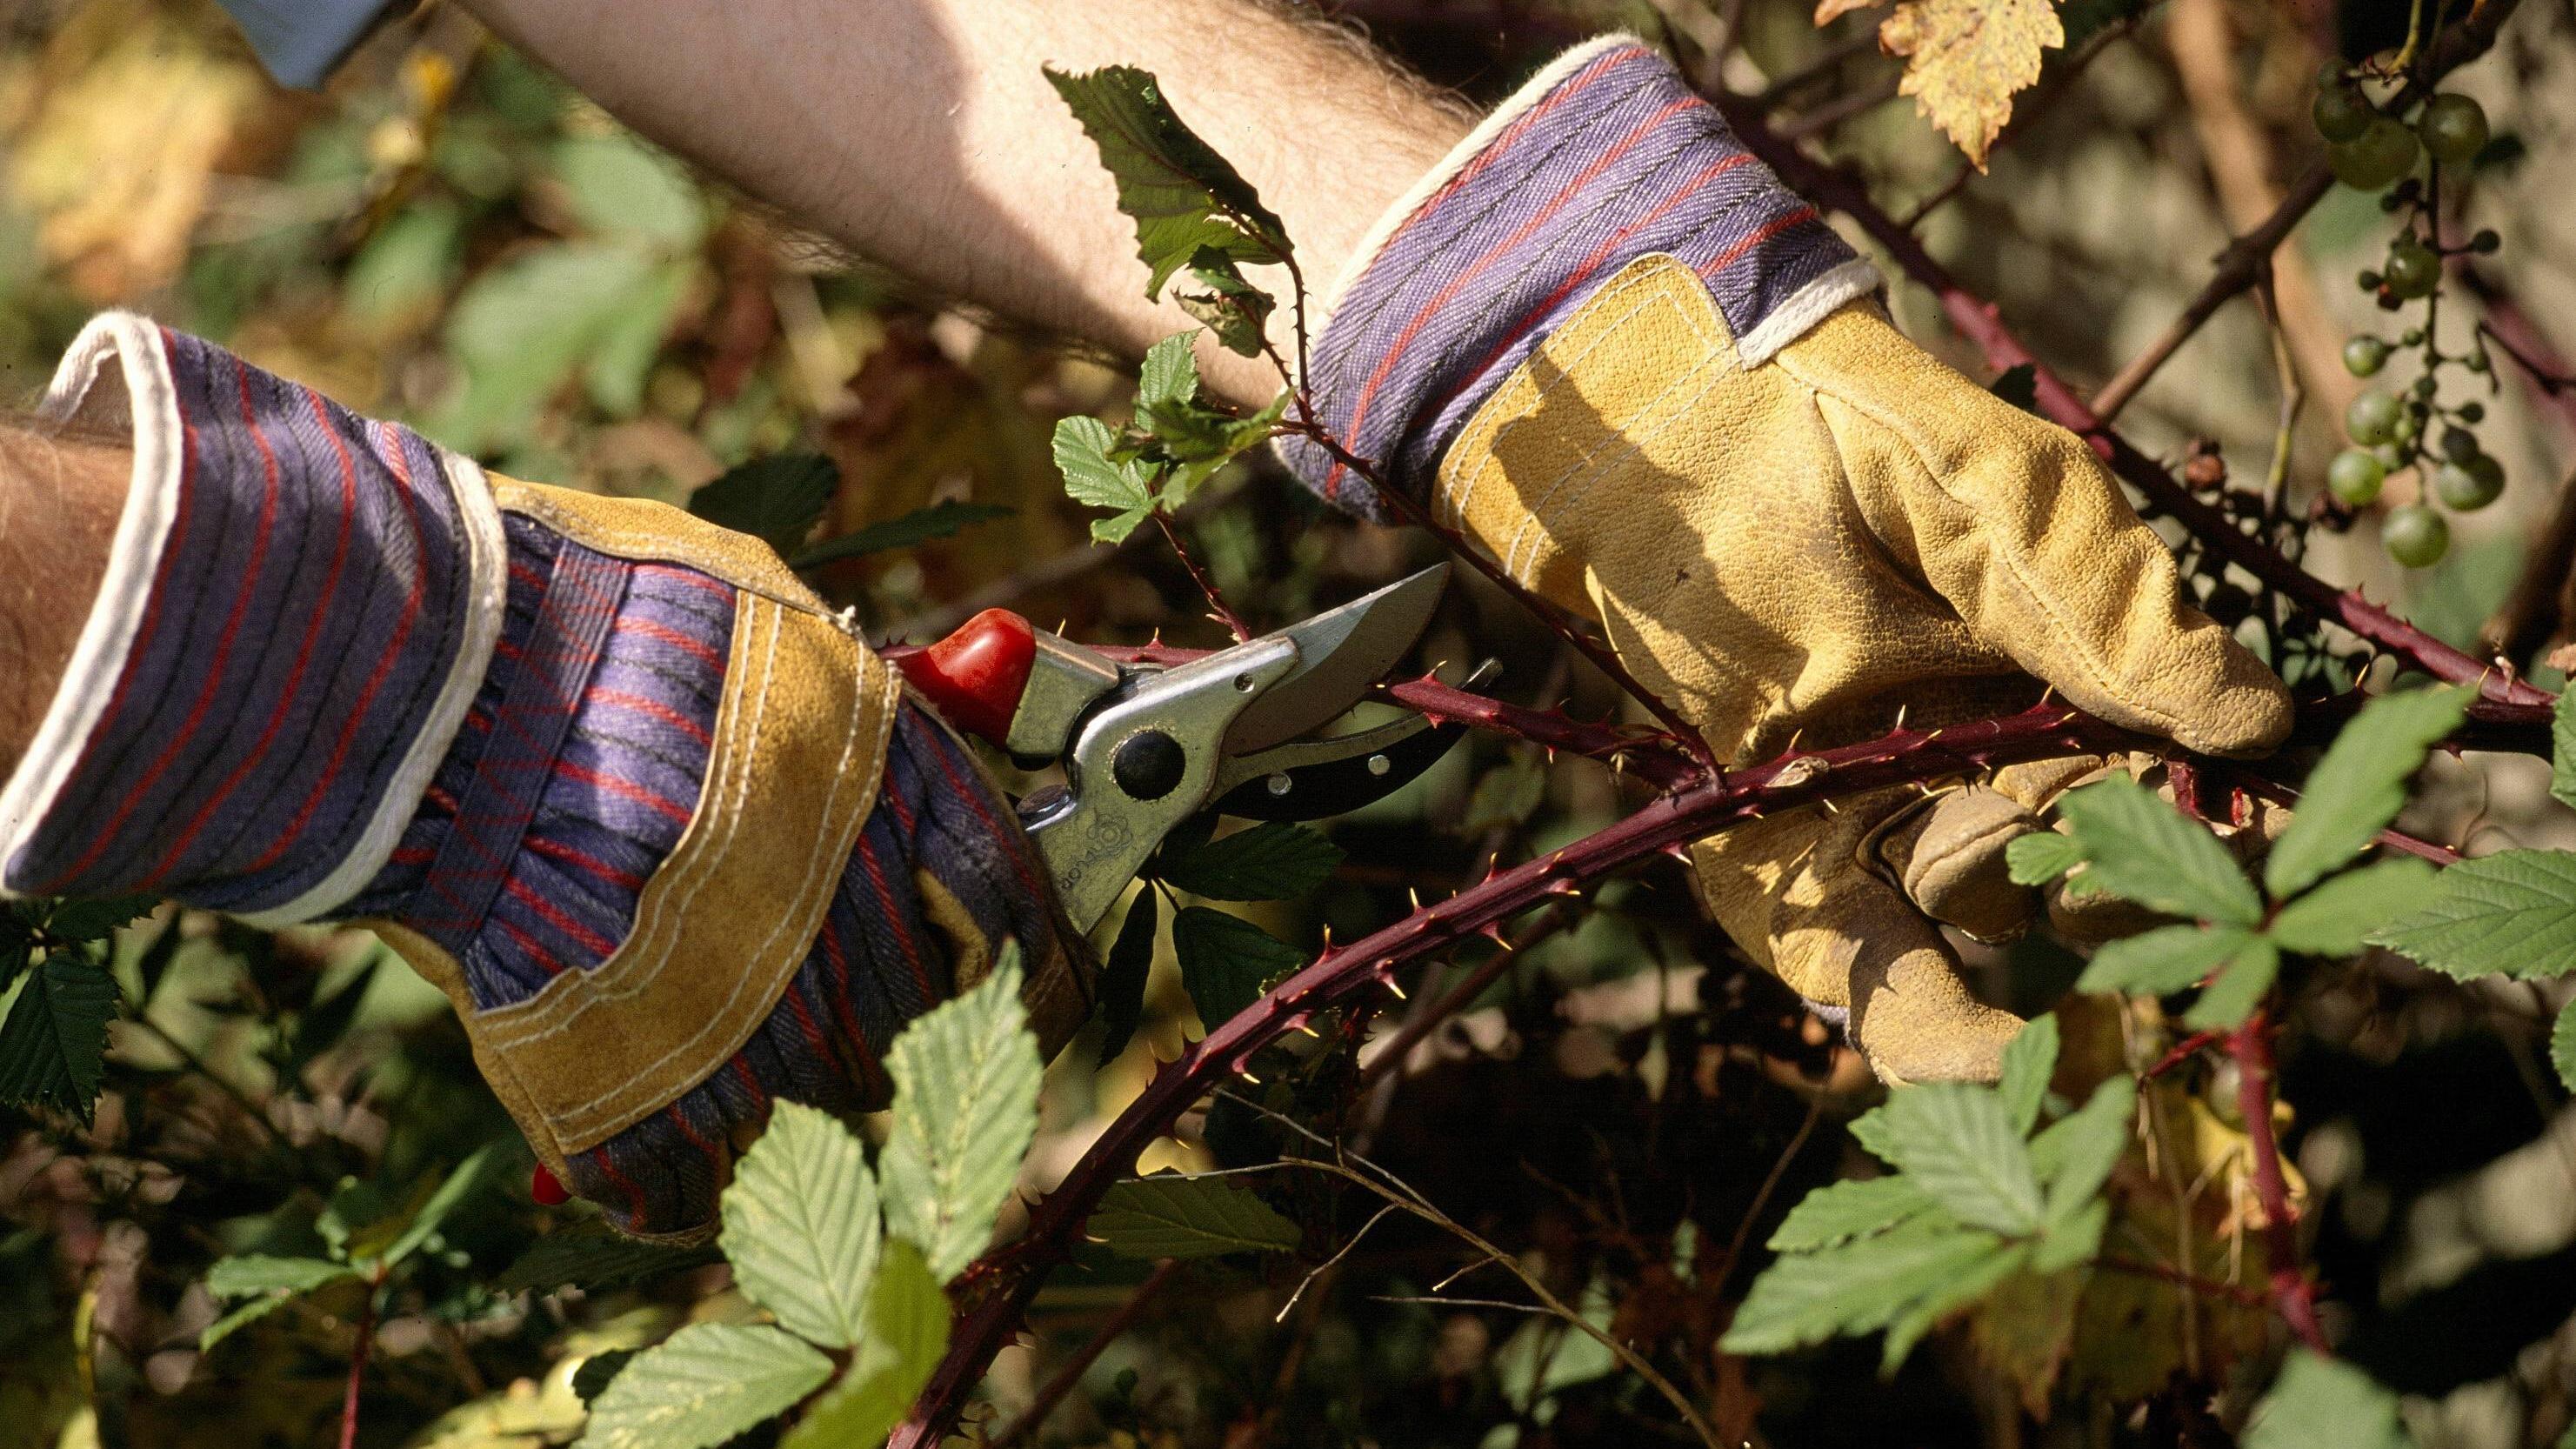 Brombeeren vernichten mit Streusalz: Warum das keine gute Idee ist